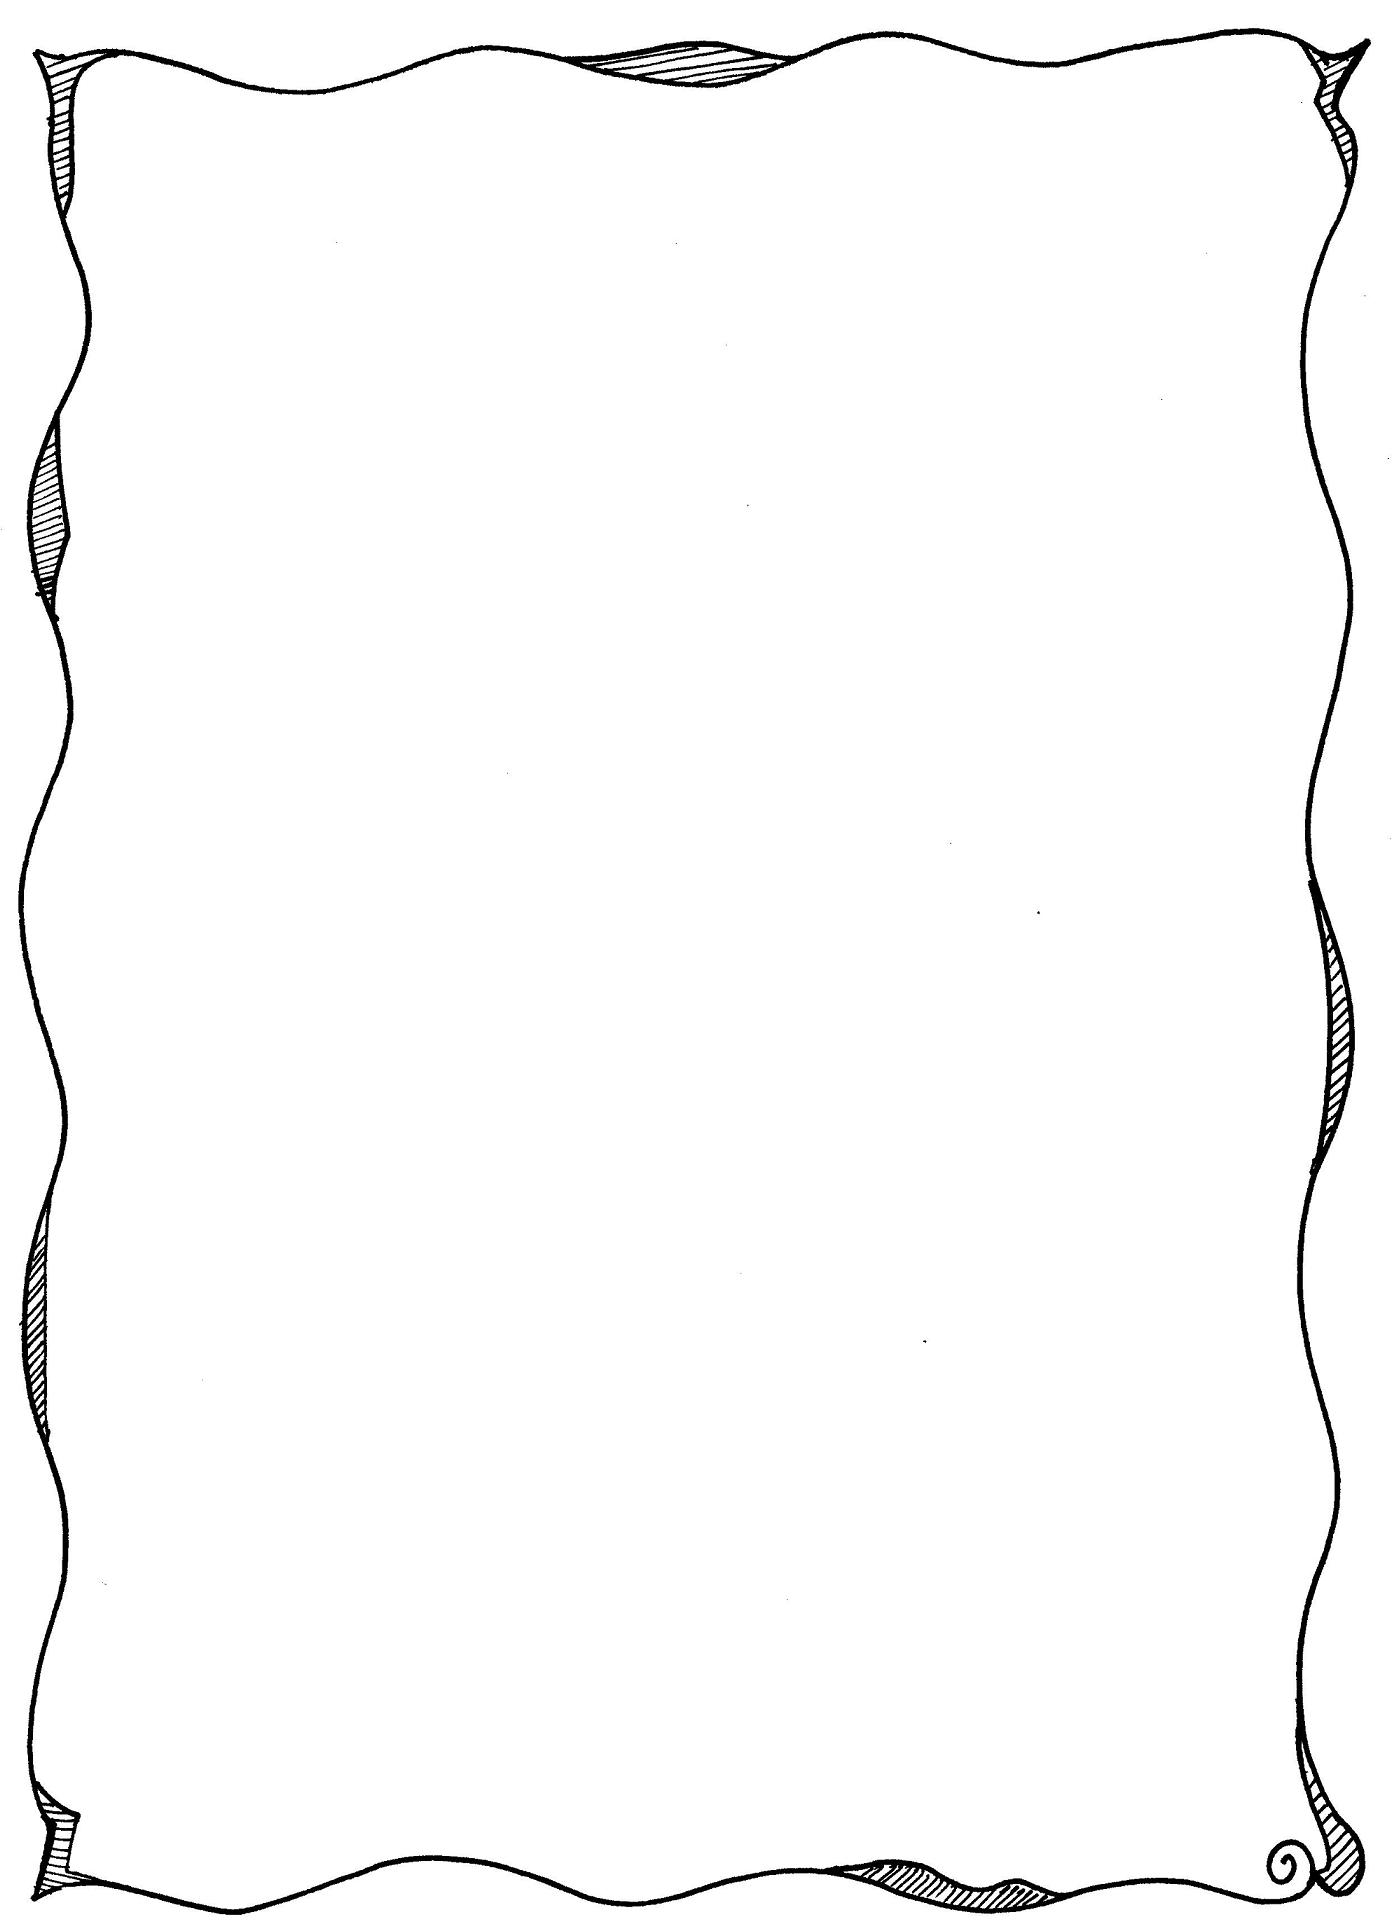 51 Idees De Pageborders Bordures De Page Bordures Bordures Et Cadres